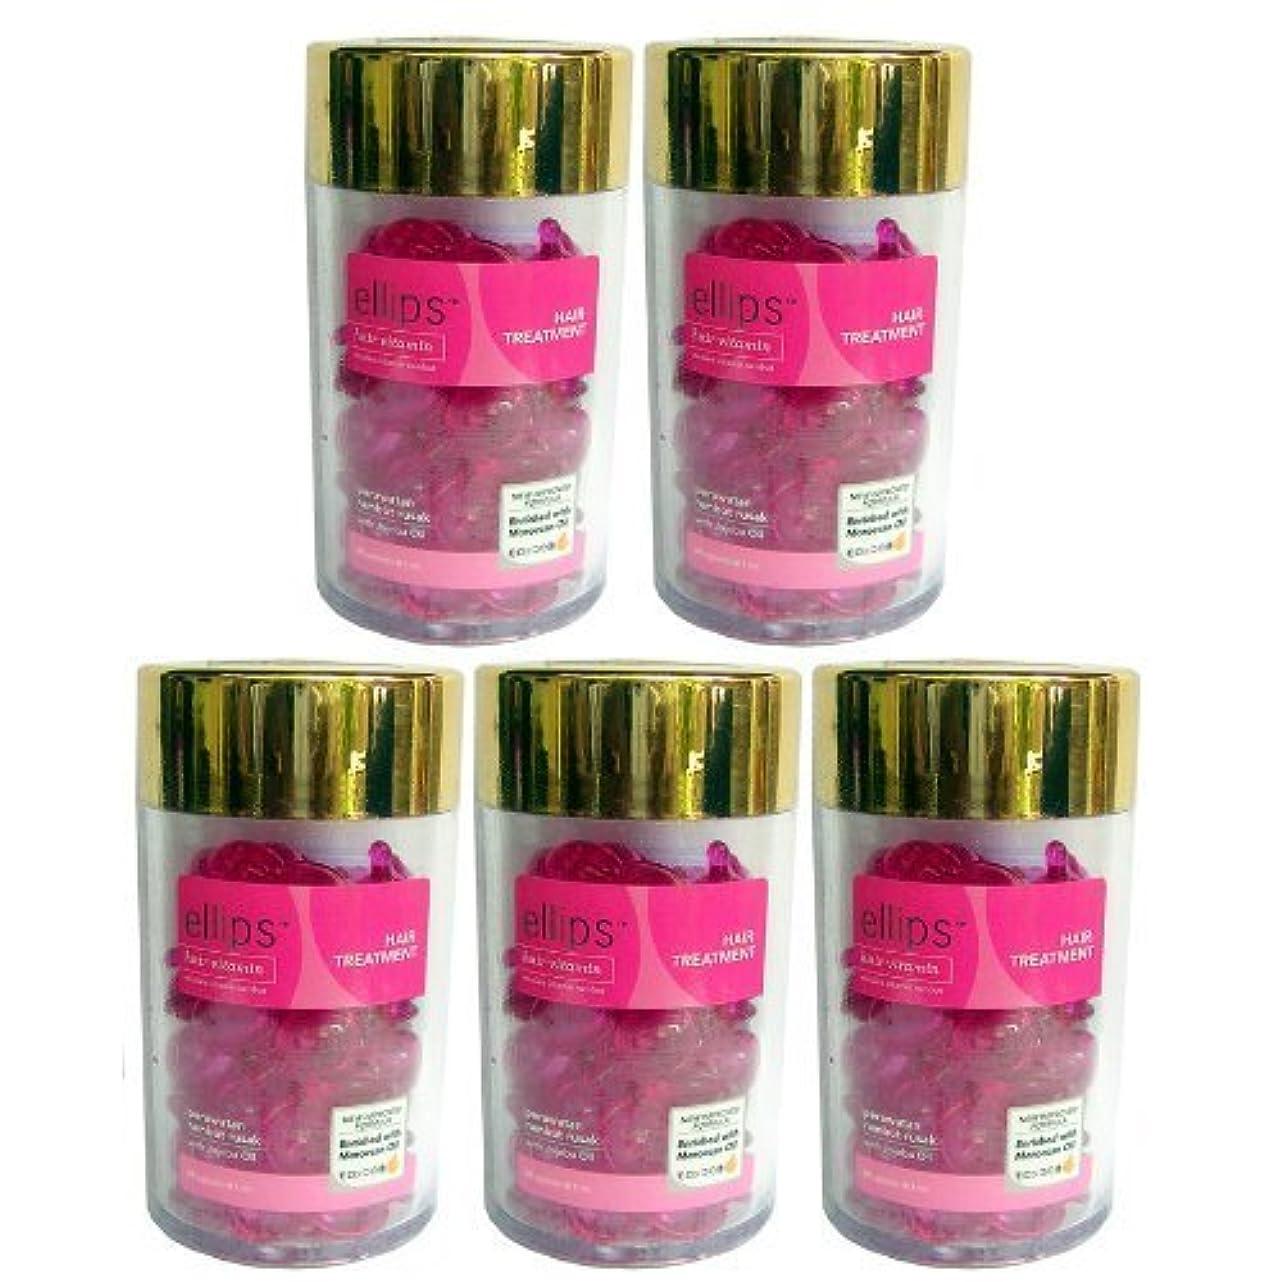 逃げる国際ピカリングエリップス ellips ヘアビタミン洗い流さないヘアトリートメント(並行輸入品) (ピンク5本) [並行輸入品]